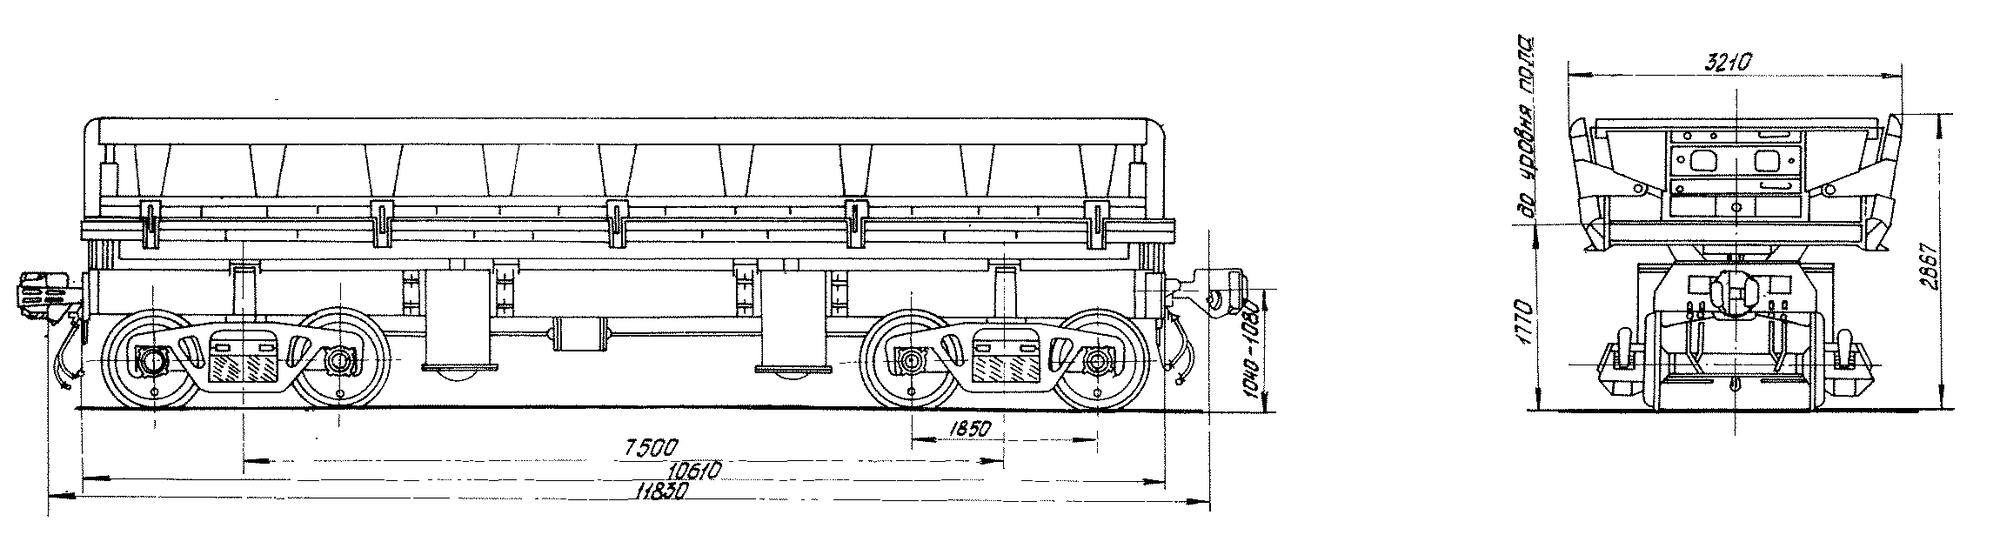 4-осный вагон-самосвал